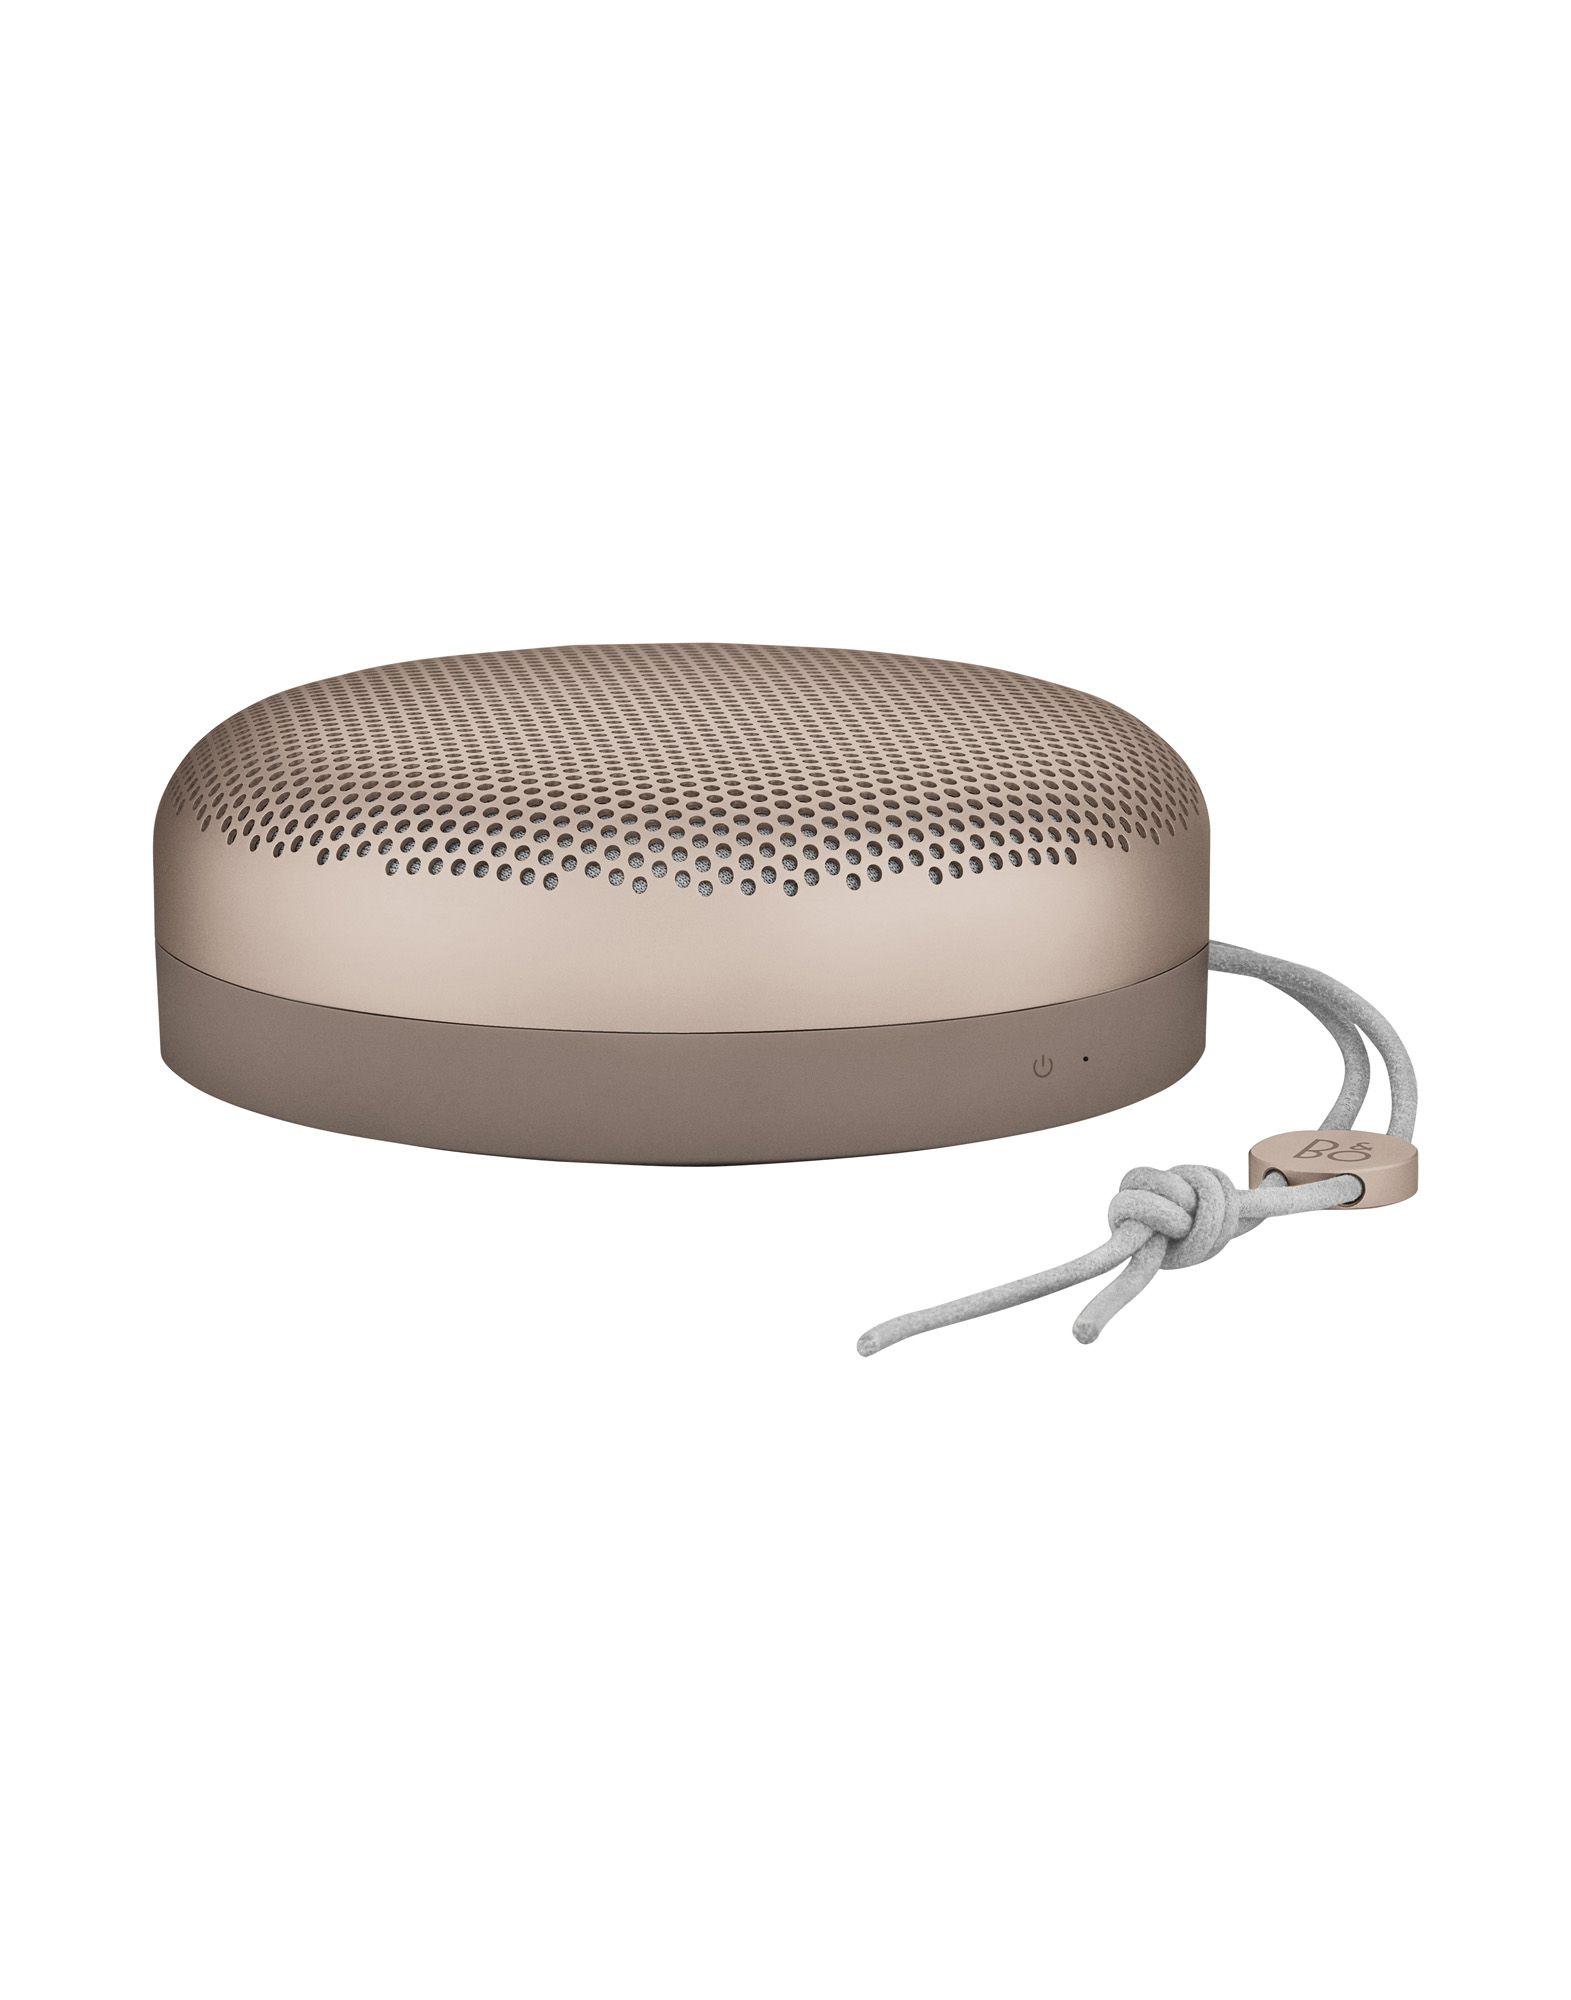 B&O PLAY Unisex Lautsprecher Farbe Sand Größe 1 jetztbilligerkaufen